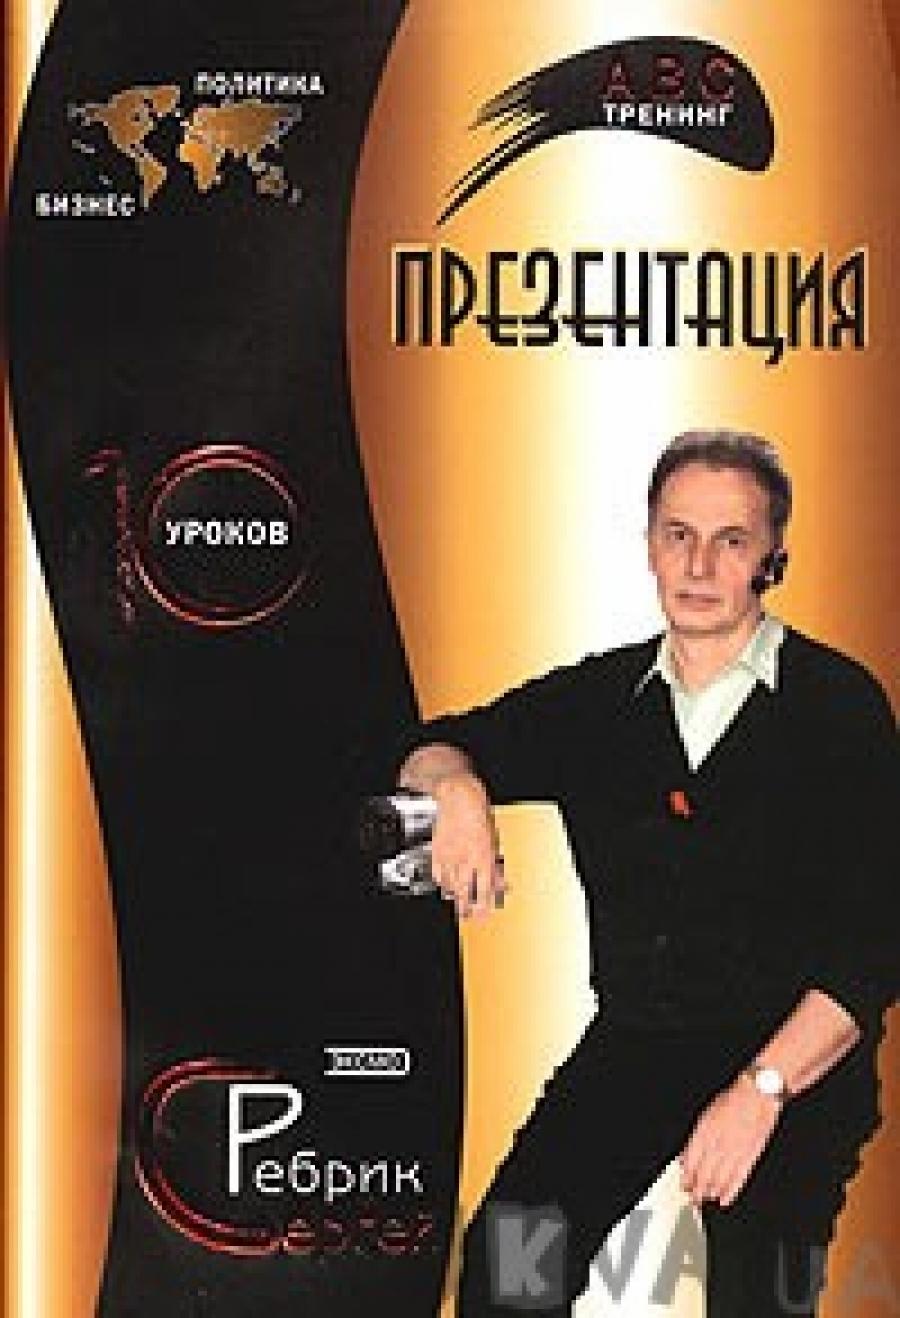 Обложка книги:  сергей ребрик - тренинг эффективных продаж.